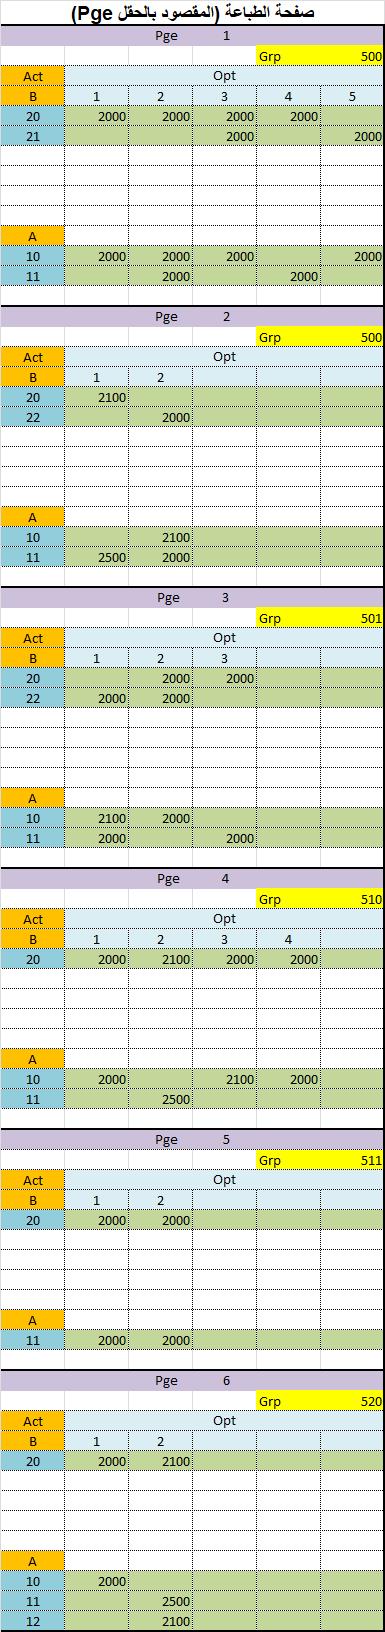 كيف اتحكم في ترقيم معين حسب كل فرقة (المرحلة الثانية) Pge10